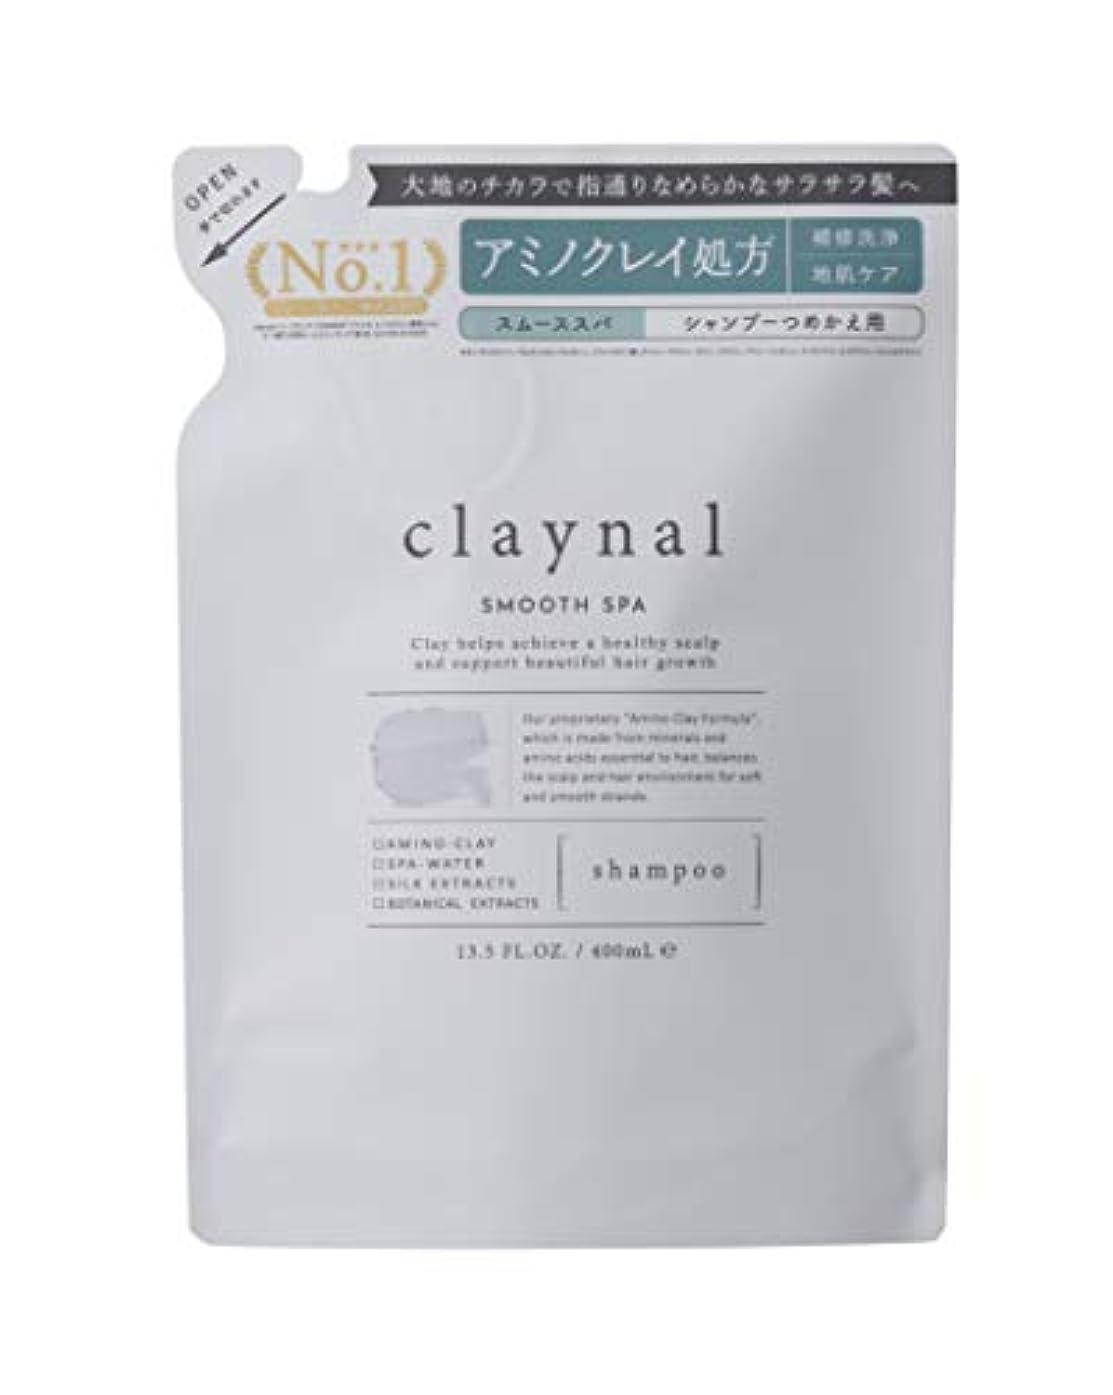 アプトレスリング提供claynal(クレイナル) クレイナル スムーススパシャンプー(詰替え) 400mL